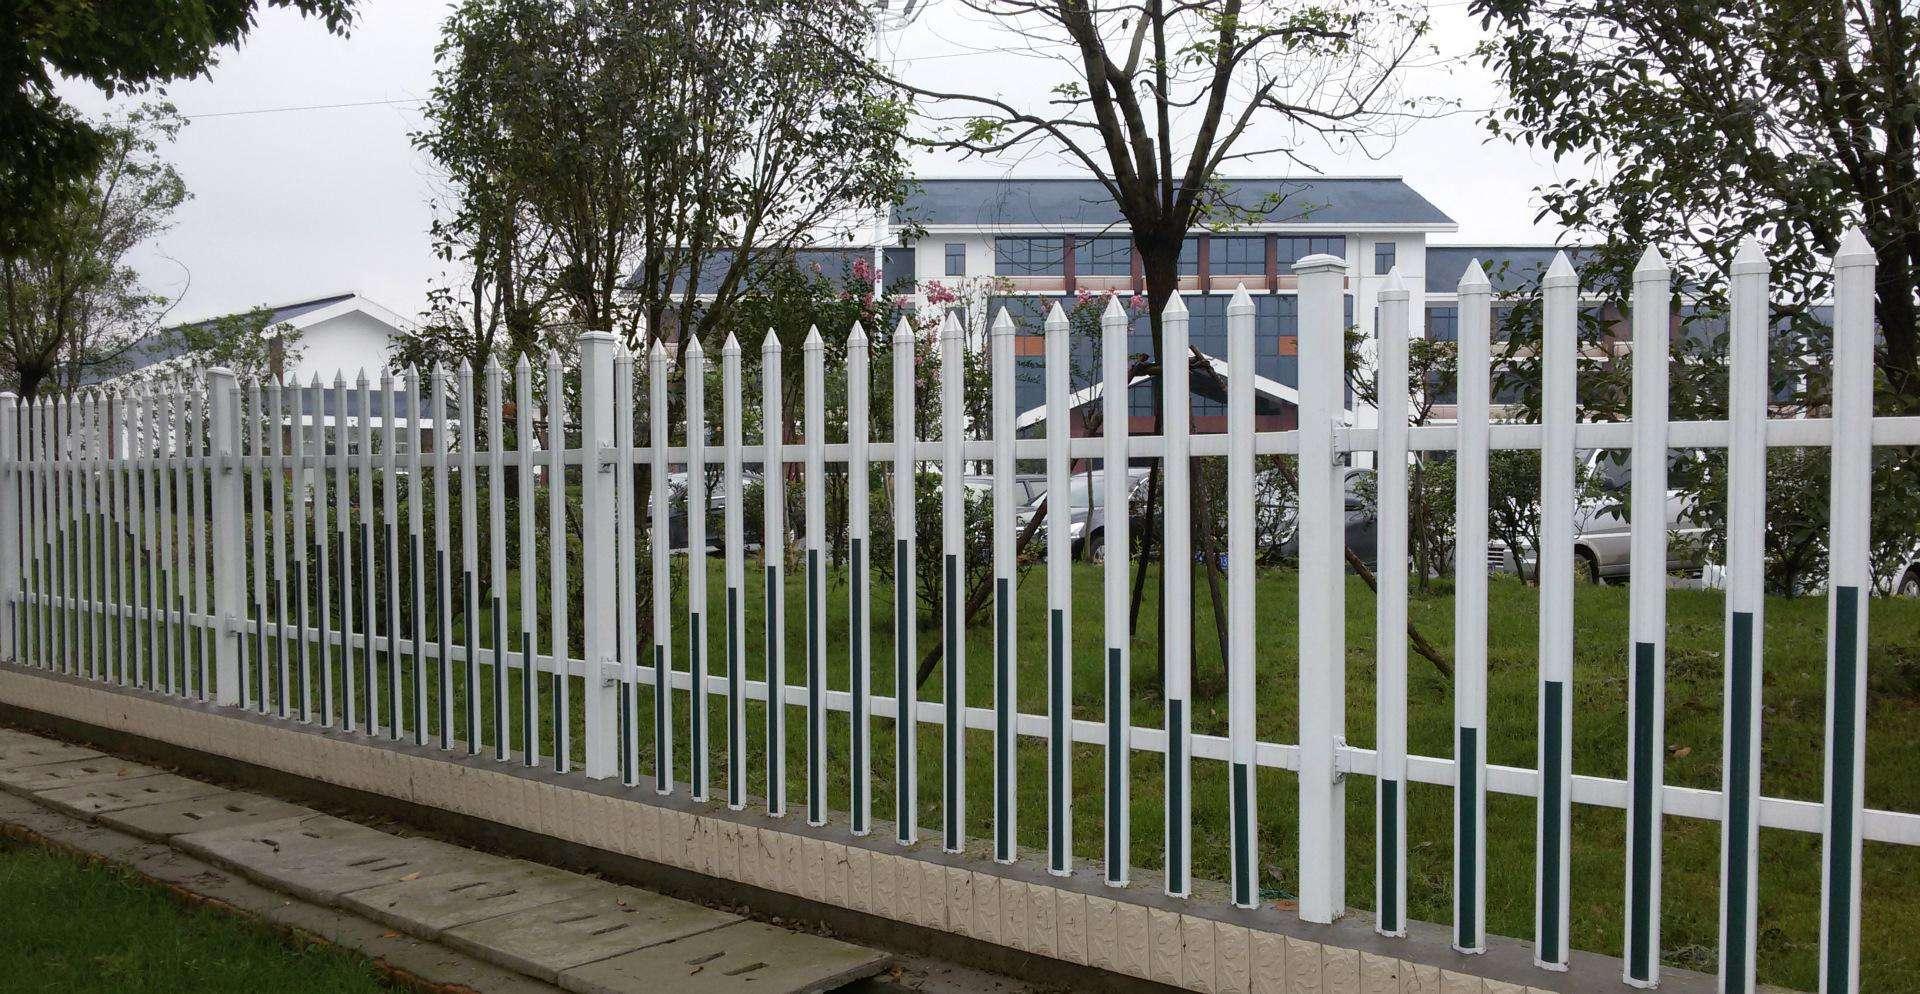 锌钢阳台护栏定制_玻璃阳台护栏相关-河南恒达金属丝网制品有限公司